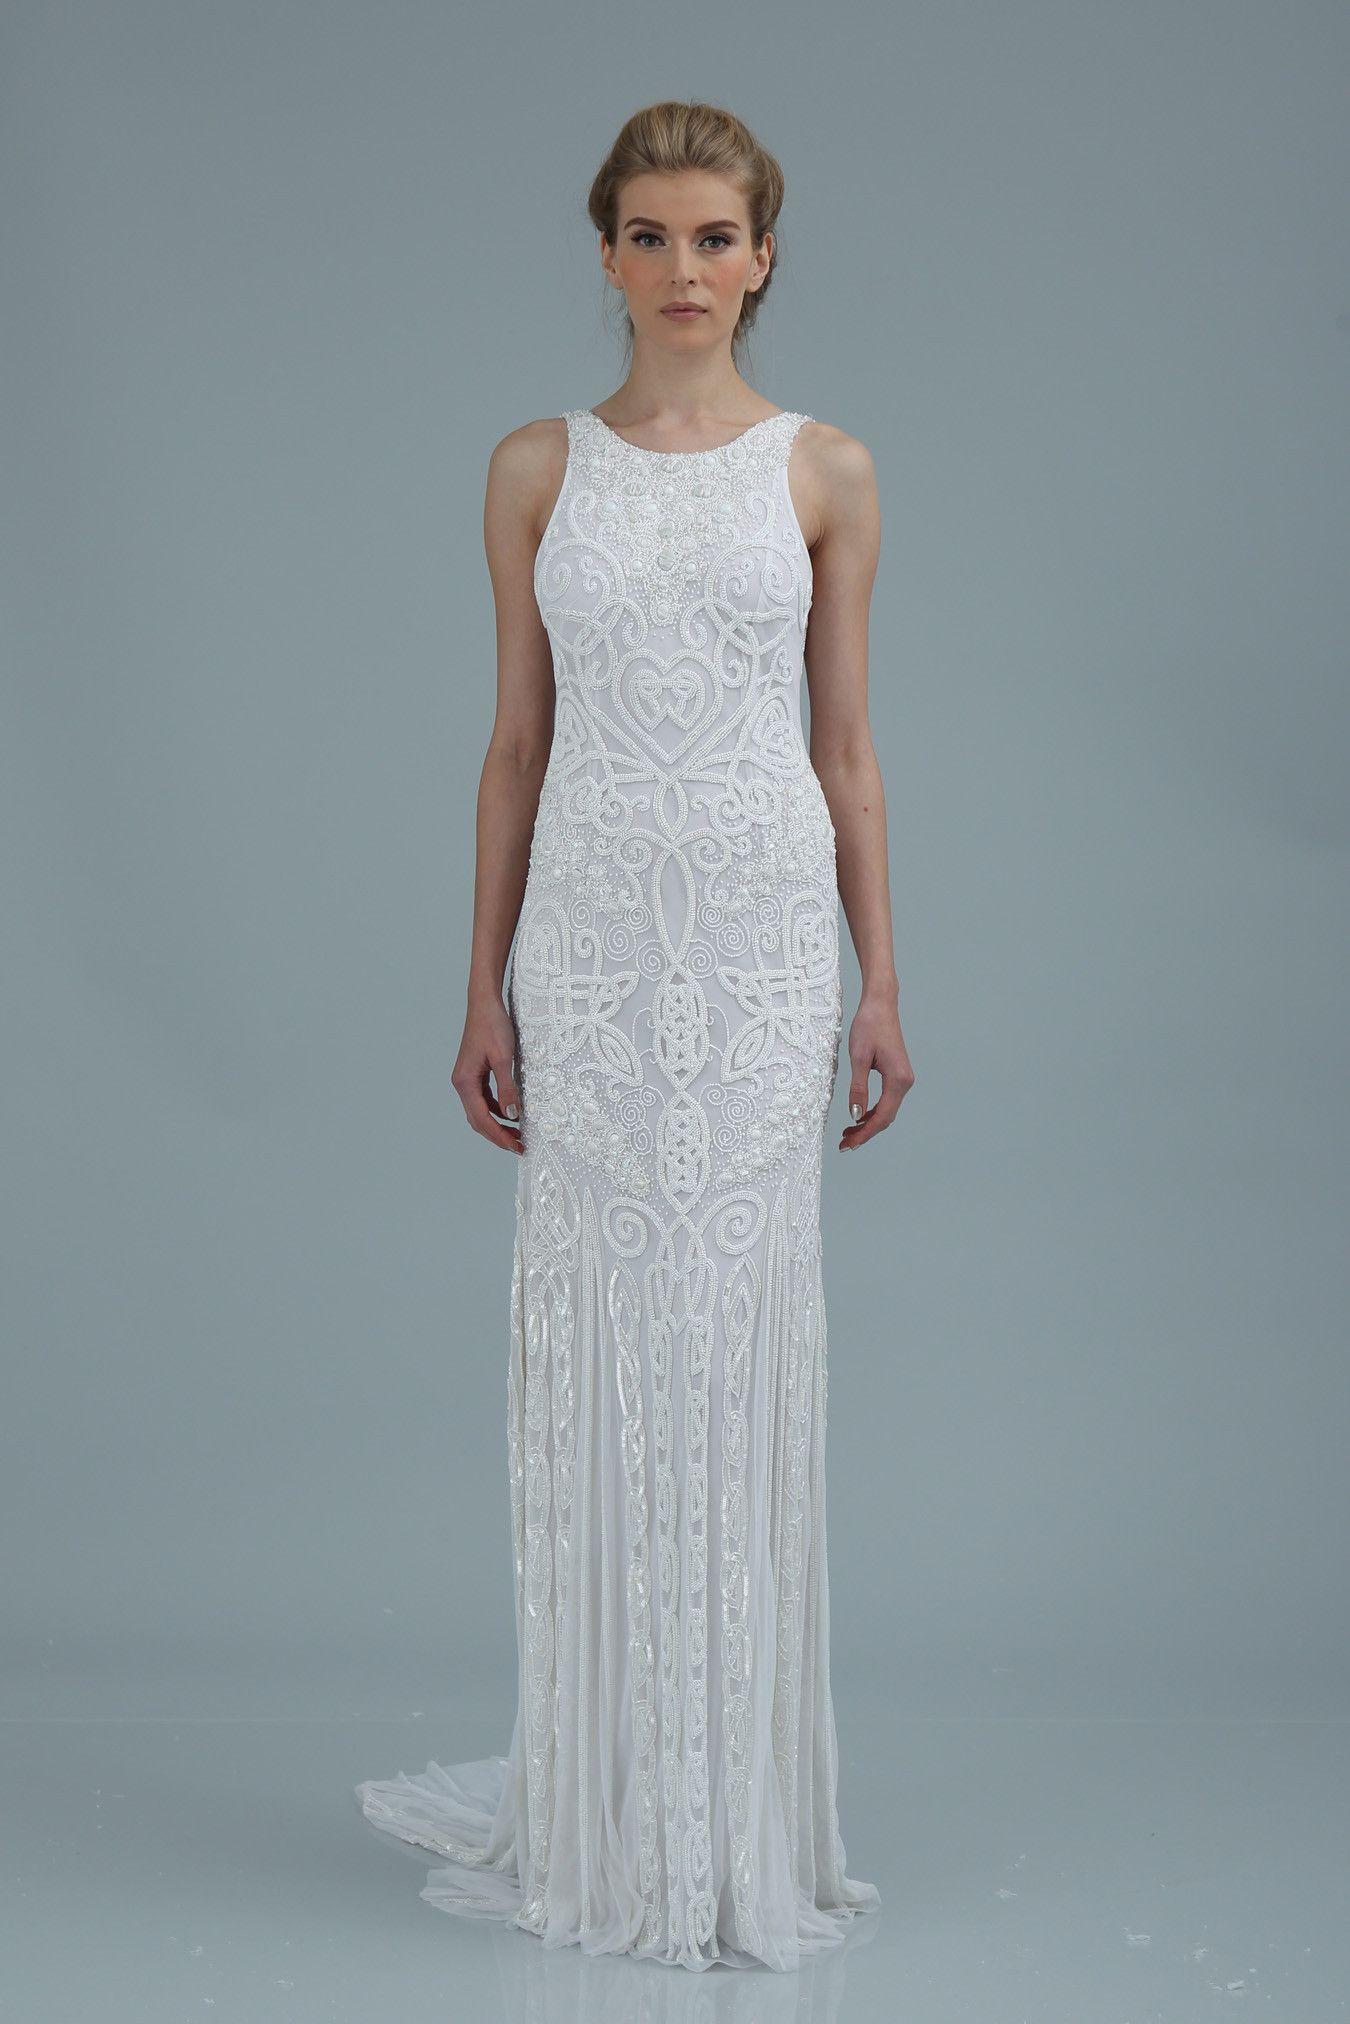 Tara u THEIA Flair boston  Wedding Dresses  Pinterest  Wedding